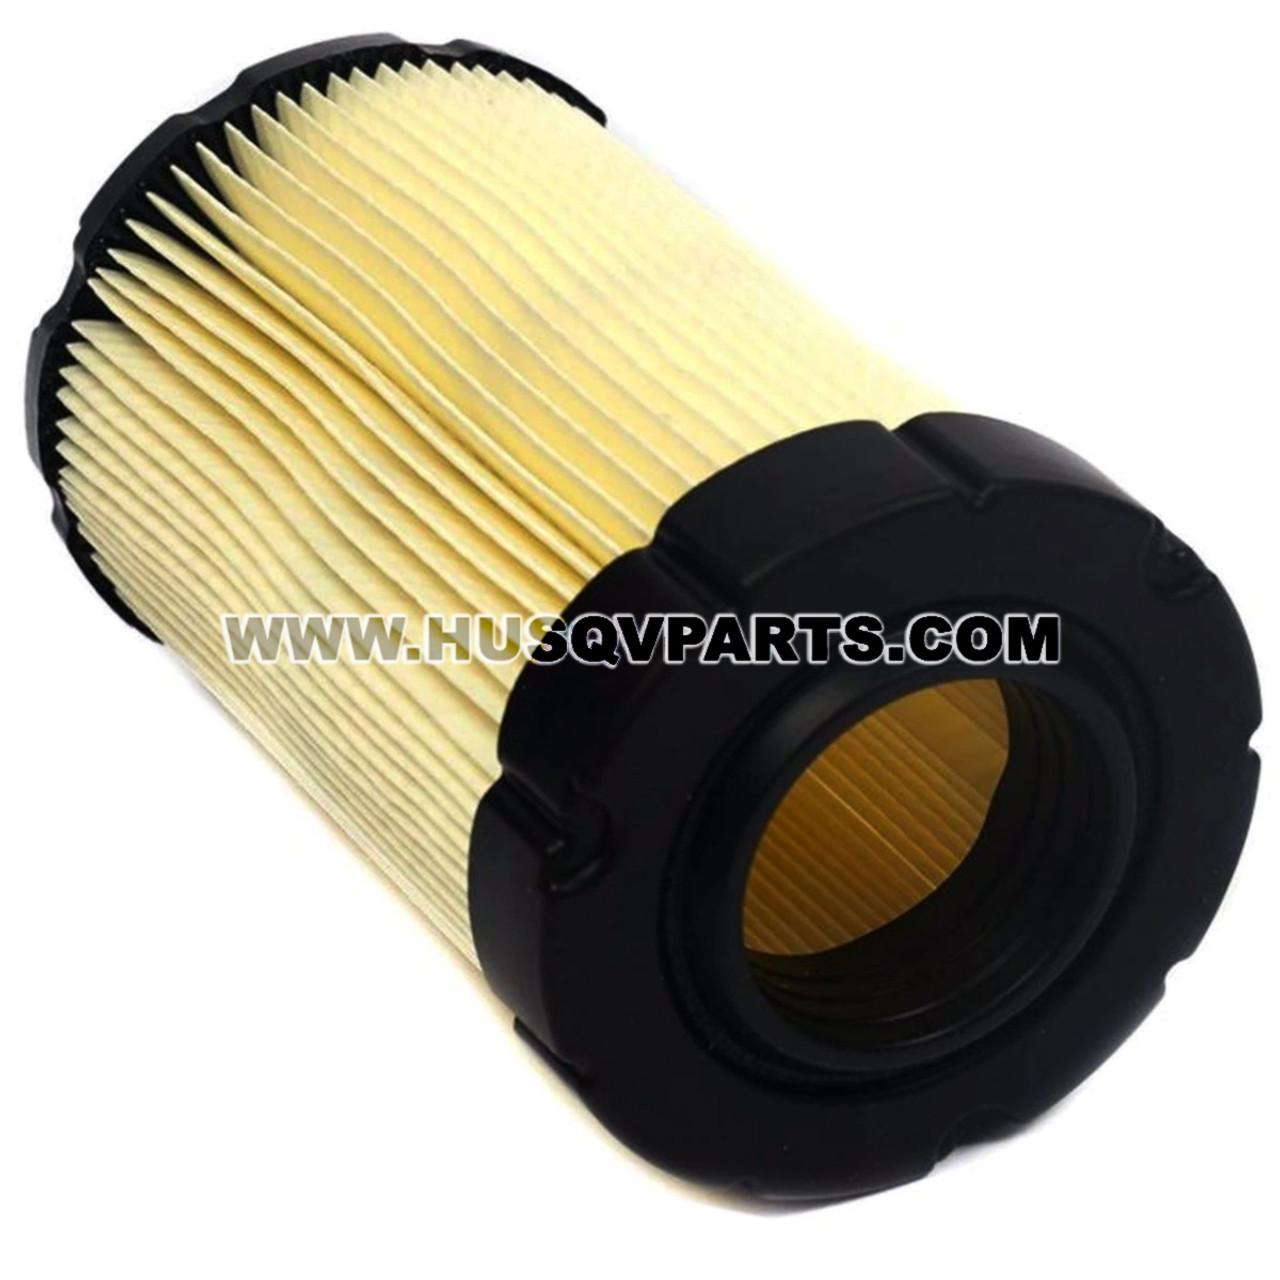 Husqvarna Yth22V46 Air Filter BS 594201